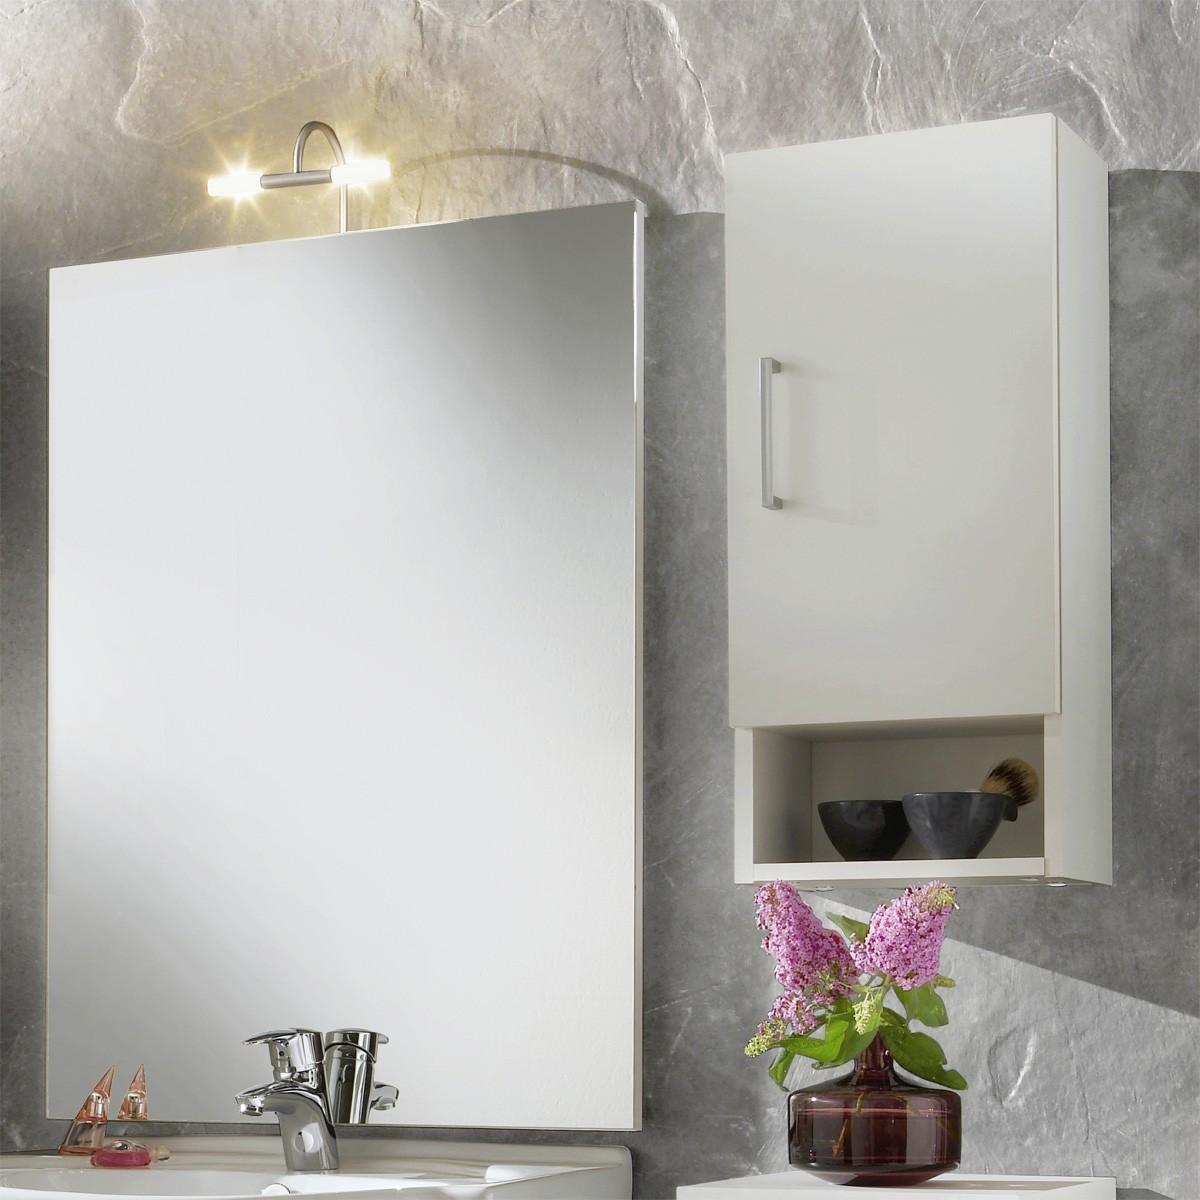 Badezimmer Hängeschrank Weiß  Haengeschrank verfuegt hinter der